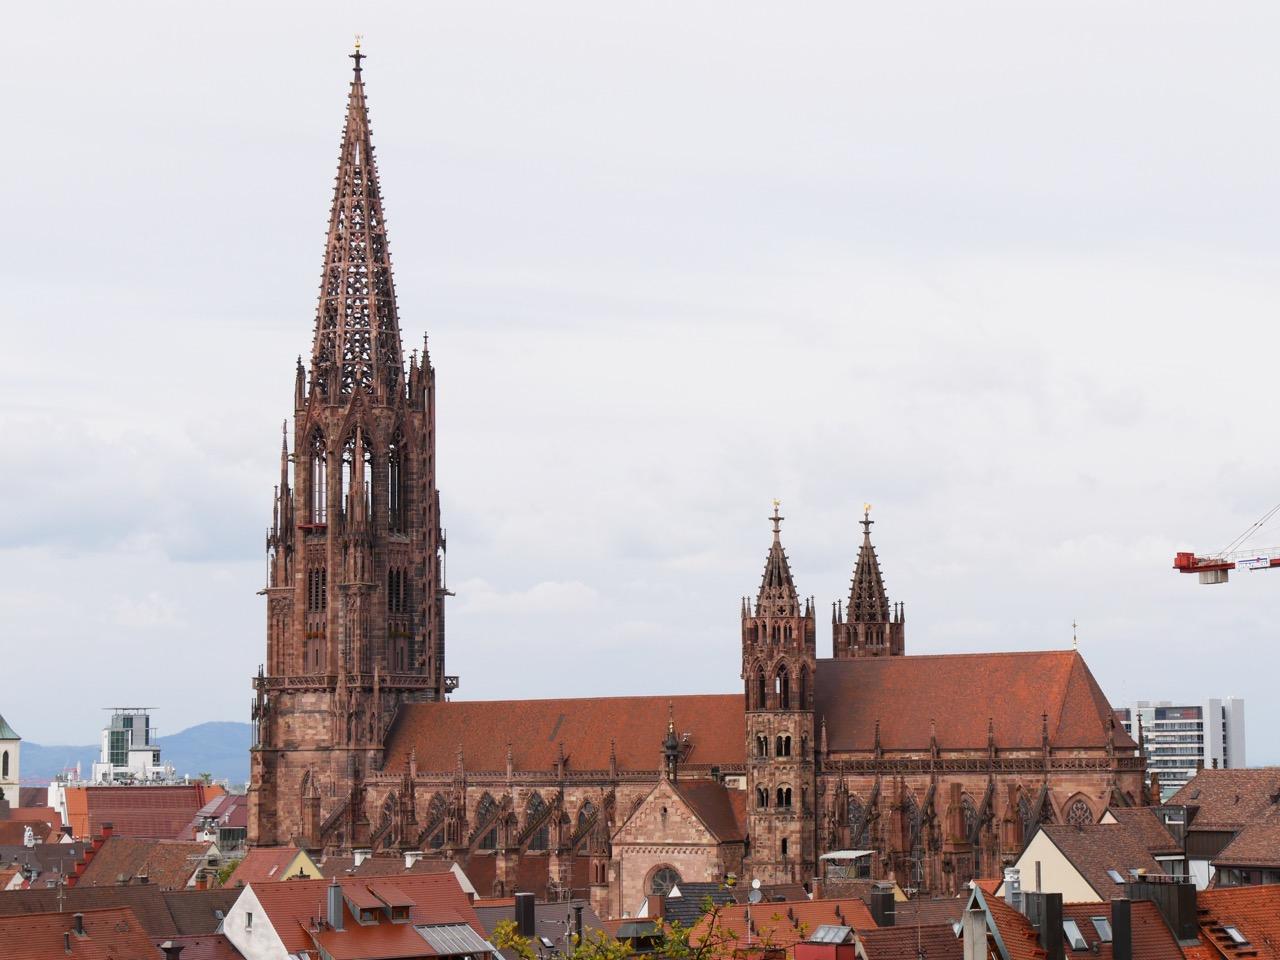 Südansicht vom Schlossberg aus